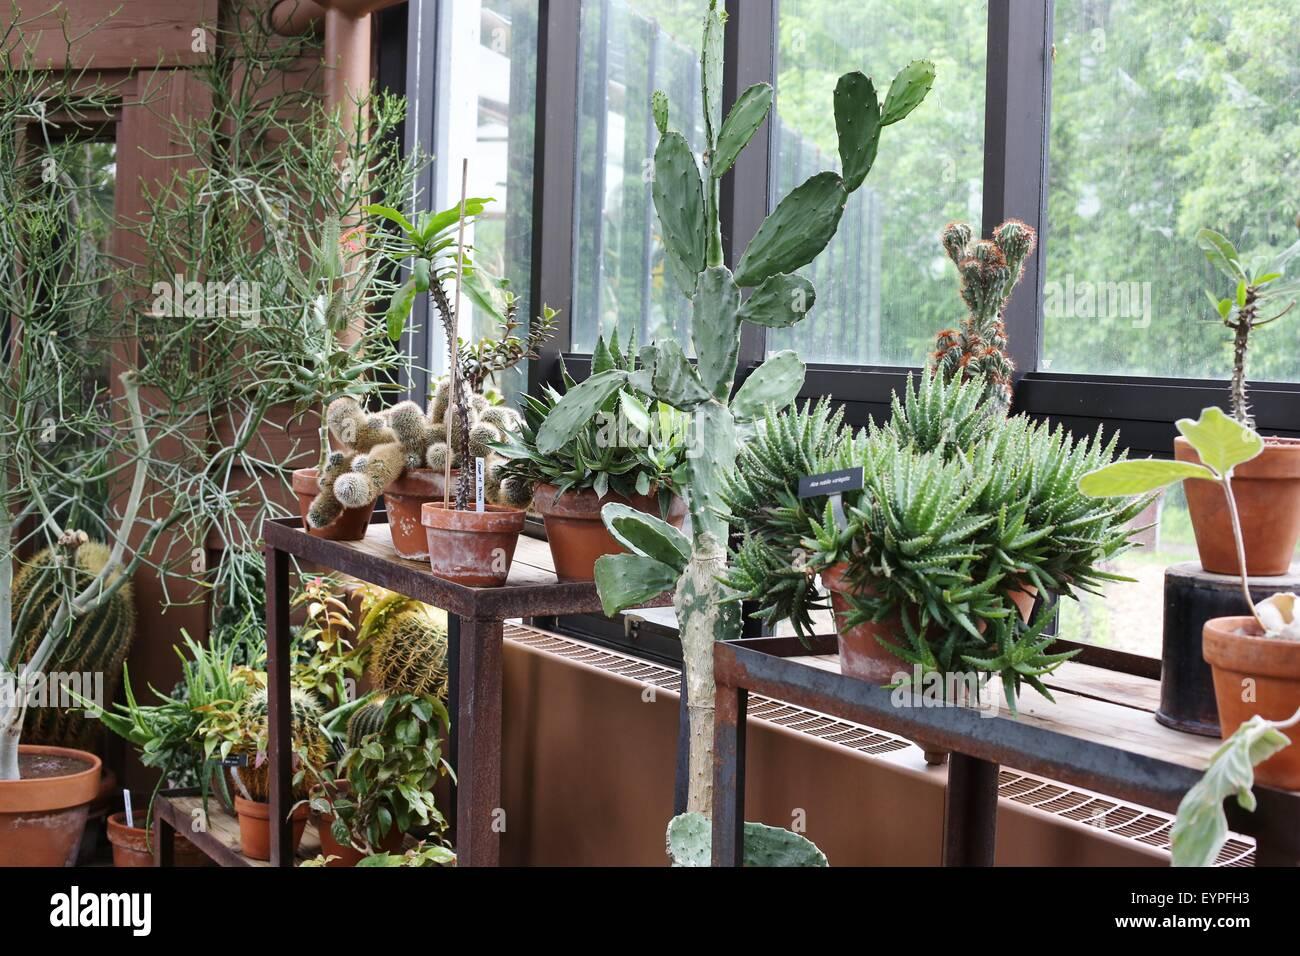 Regale Aus Kakteen Und Sukkulenten In Einem Gewachshaus Stockfoto